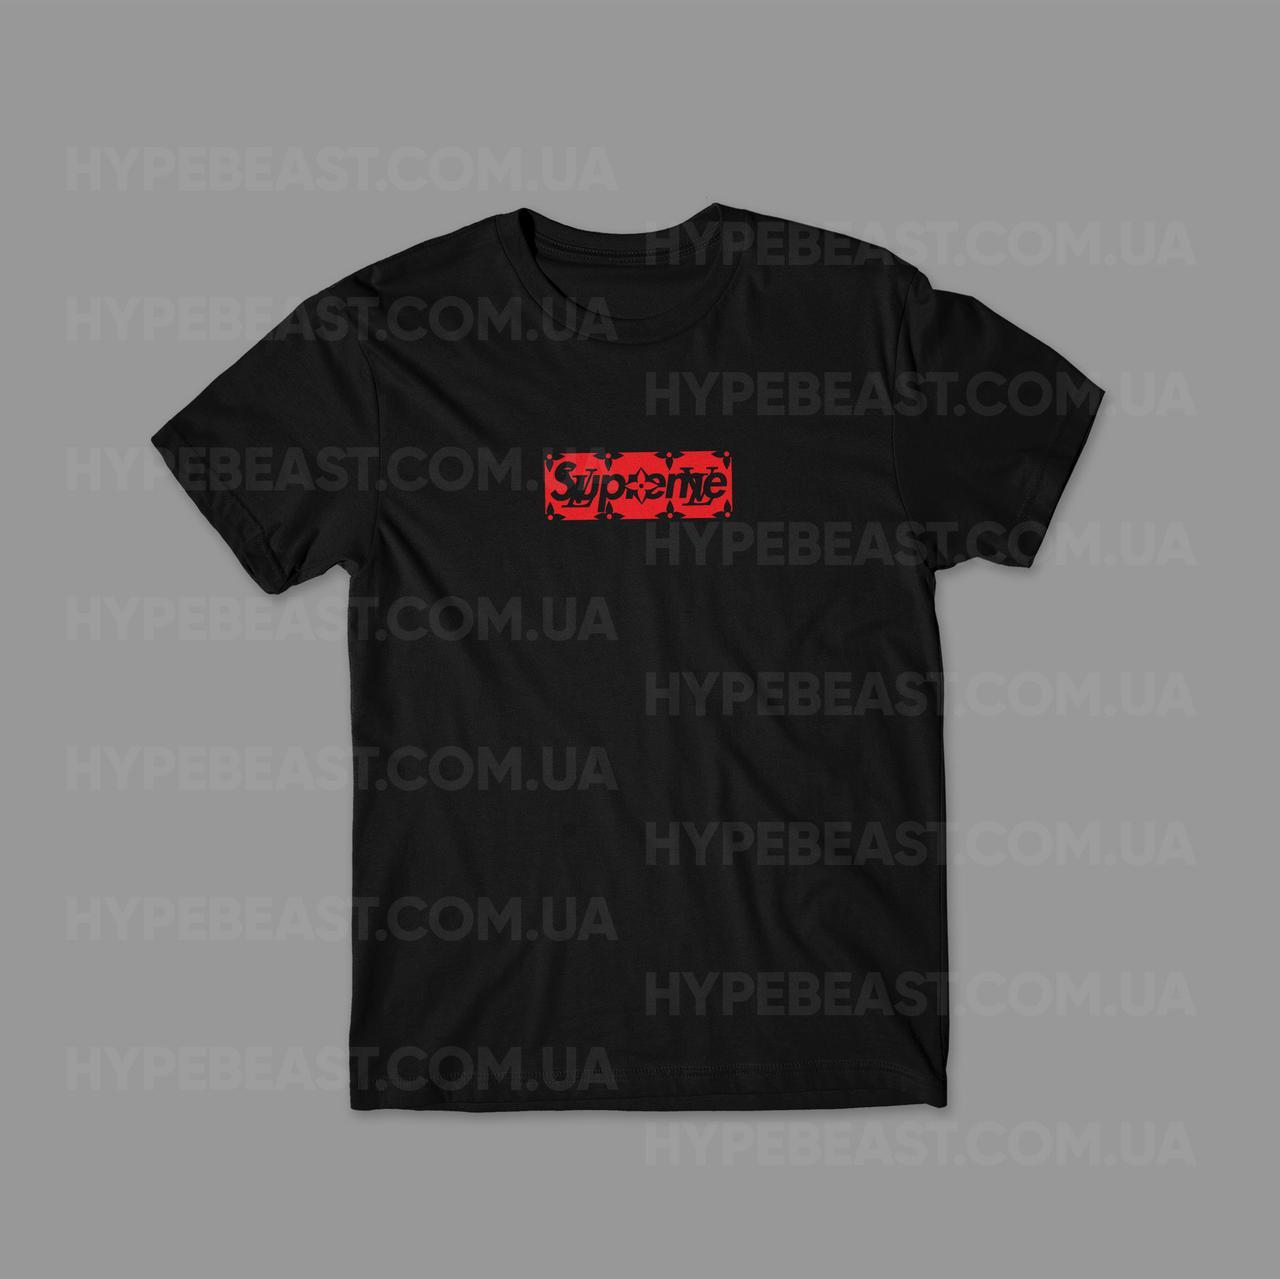 338d37f56d3f Футболка Supreme x Louis Vuitton Box Logo   черная   с принтом   реплика